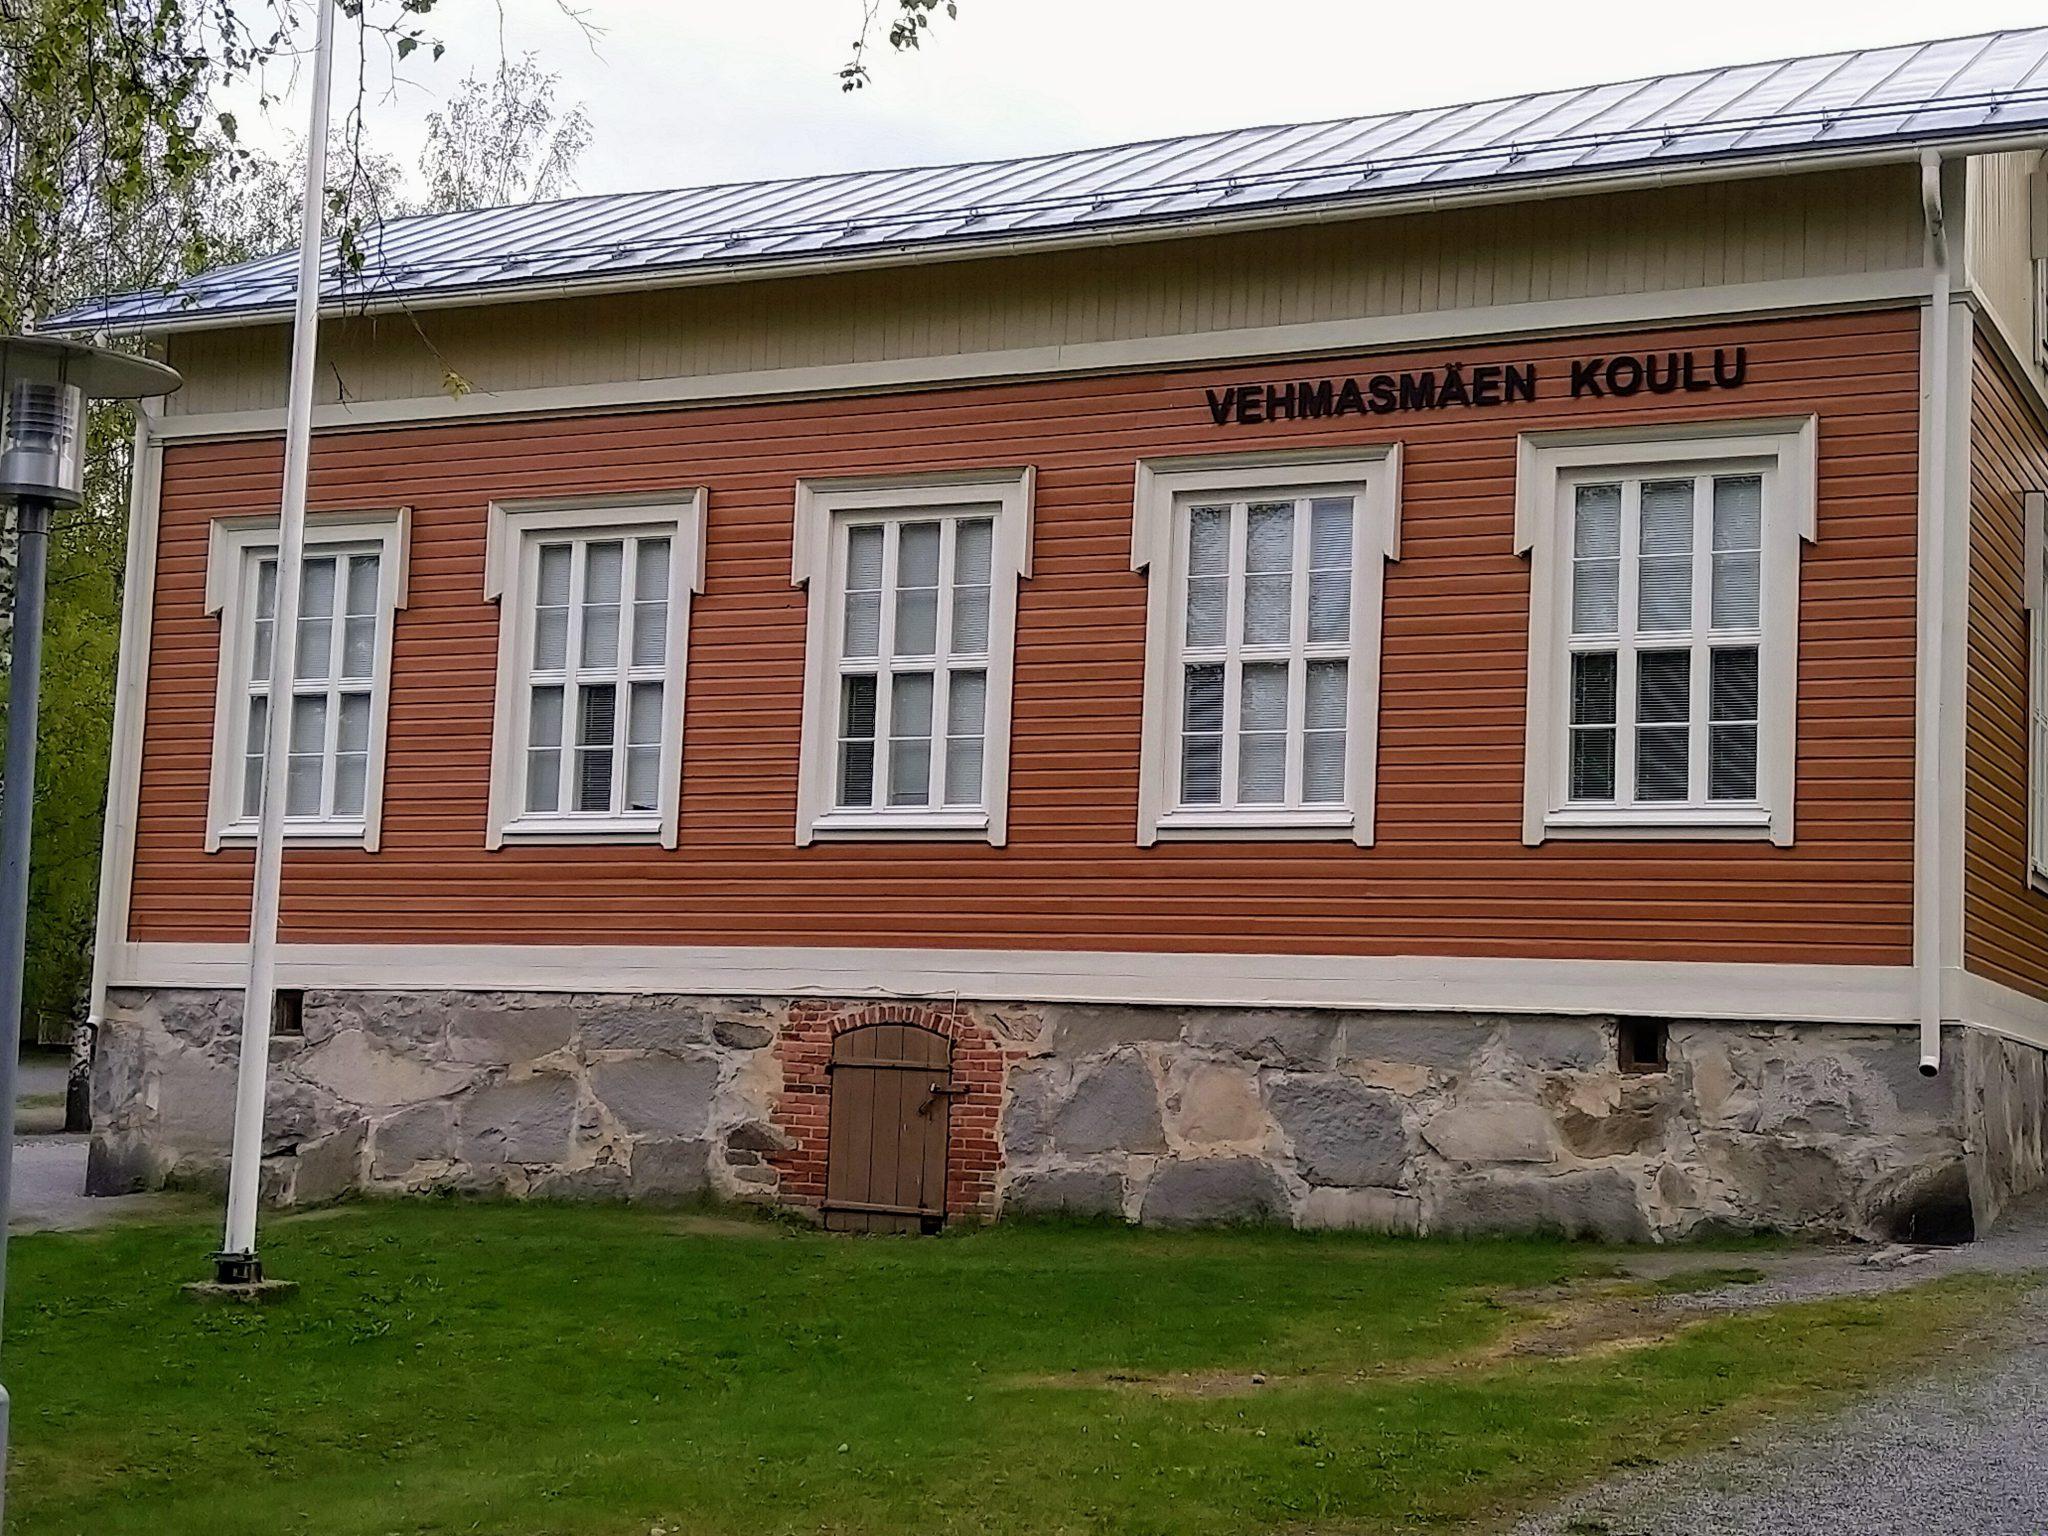 Vehmasmäen koulu